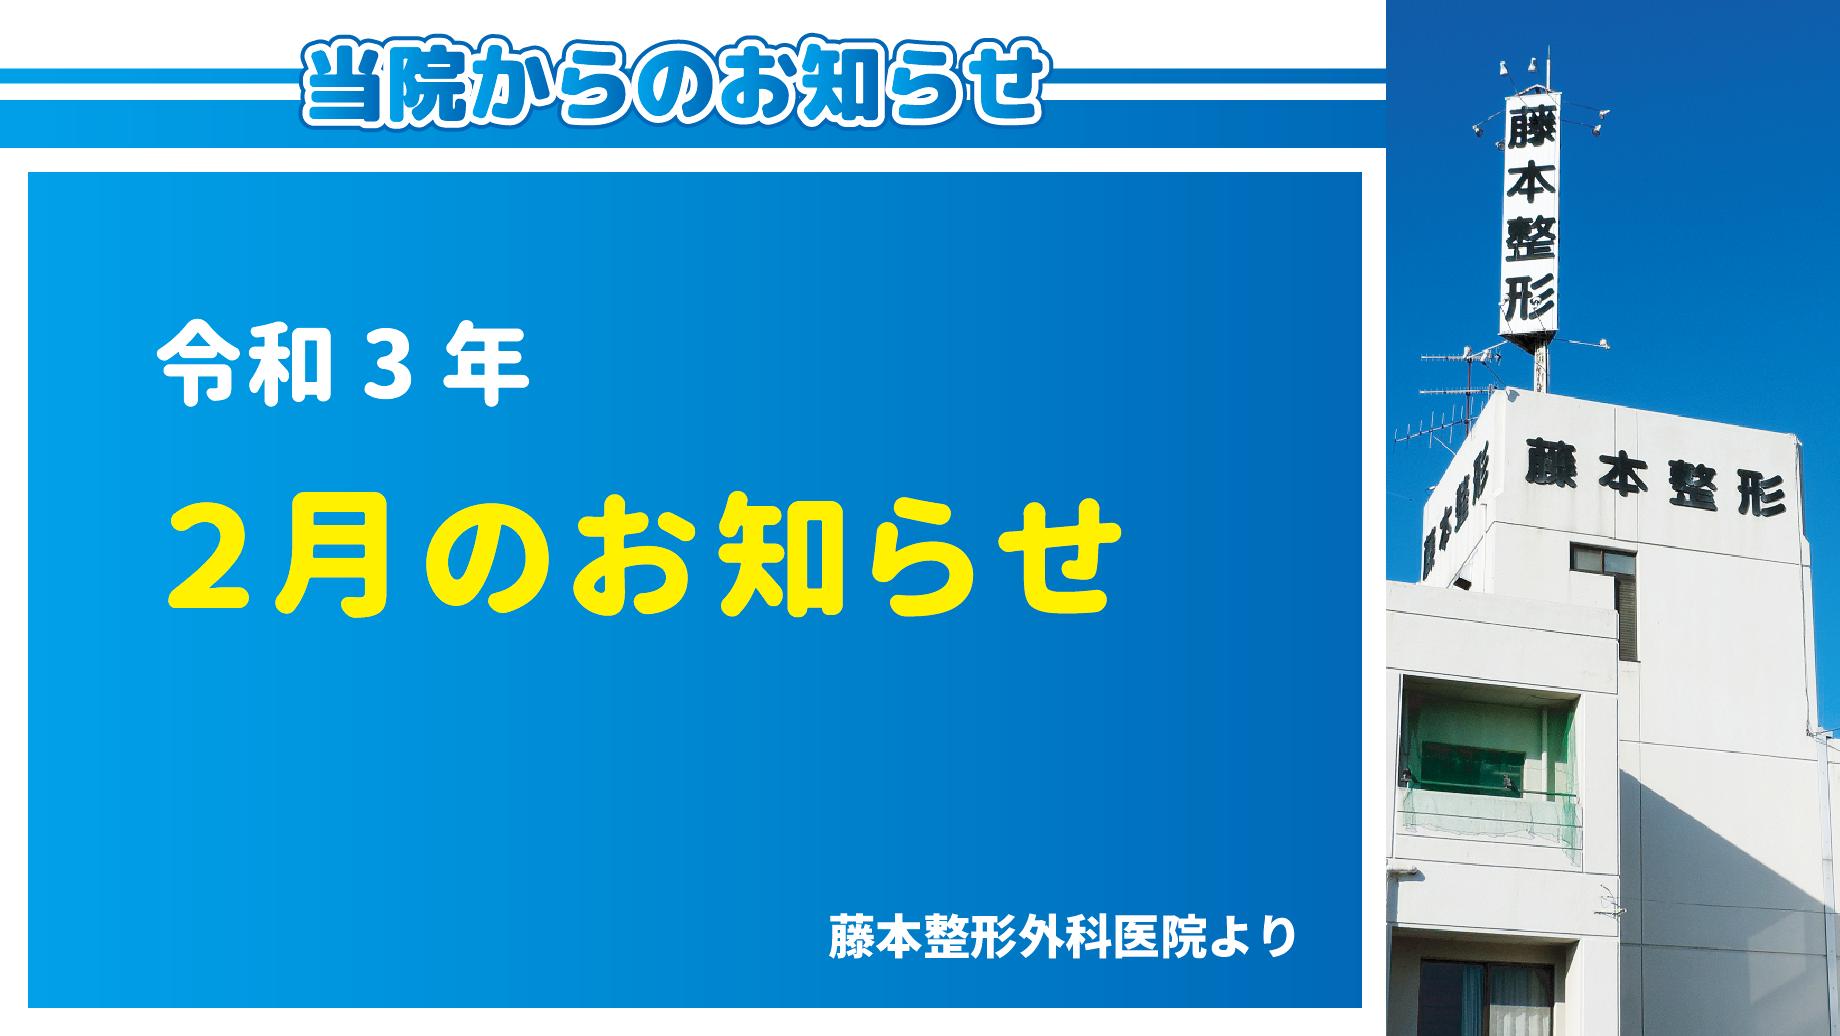 令和3年02月のお知らせ(大分の藤本整形外科医院より)